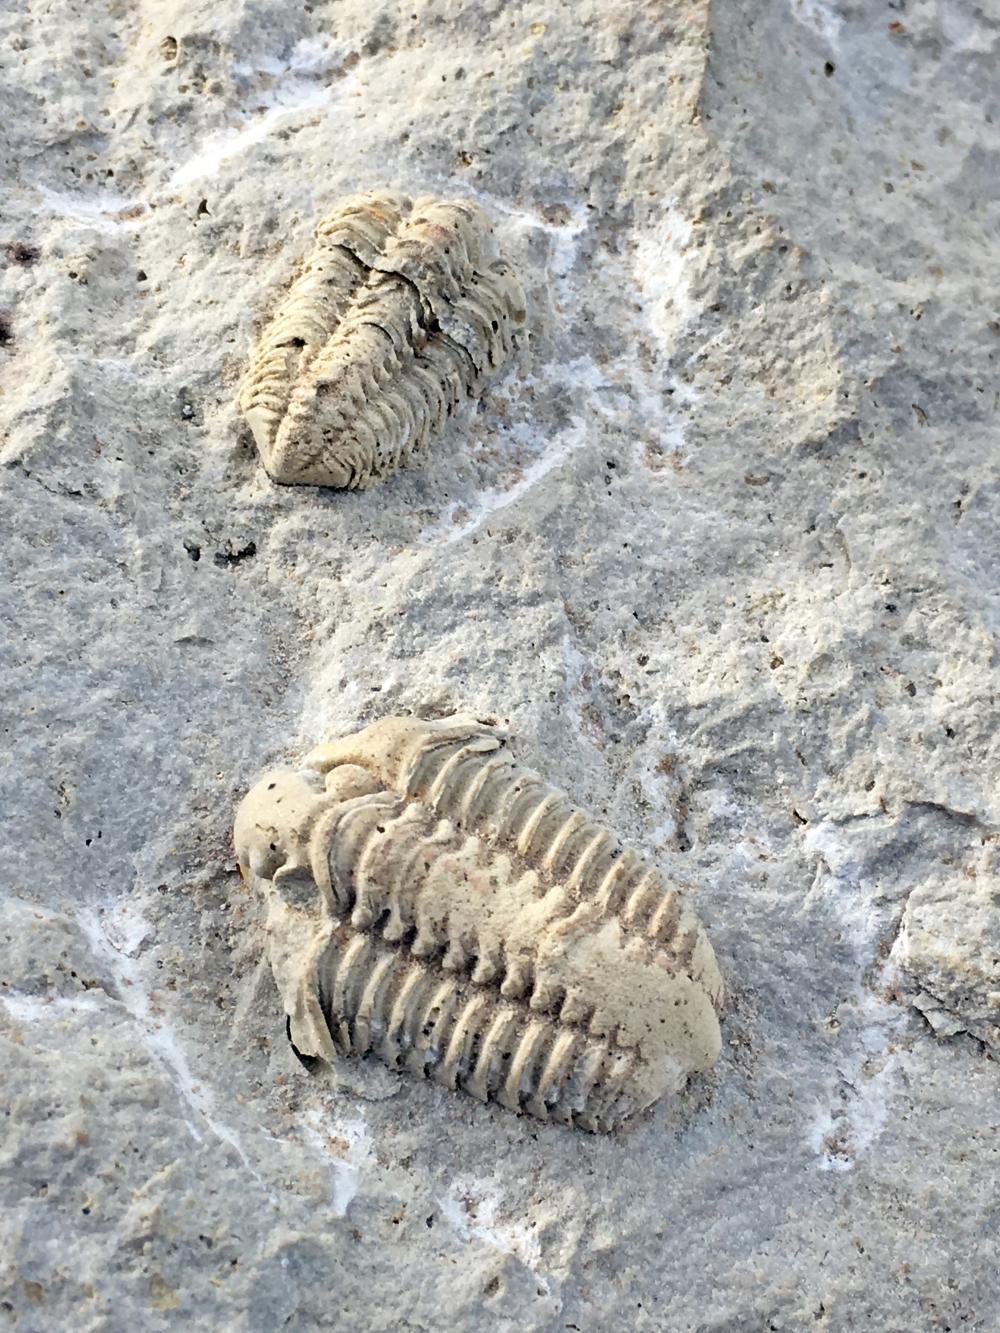 Lot 91: Trilobite, Rock, Fossil, Natural, Specimen